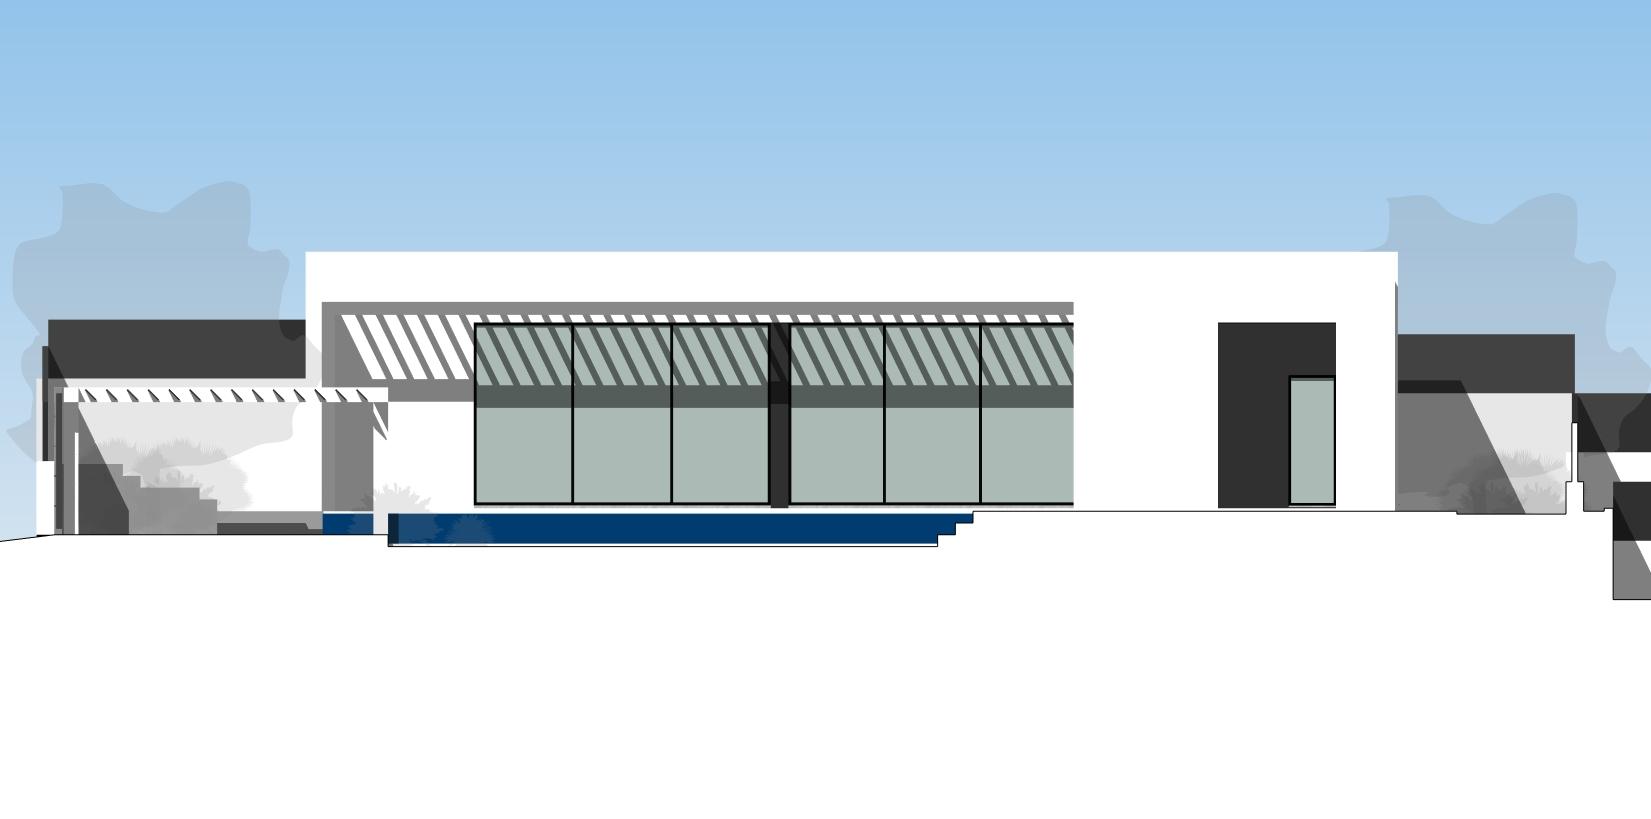 2021-02-09_Torrealquería P8 – Viviendas aisladas y pareadas alzados – Sección – Alzado Sur